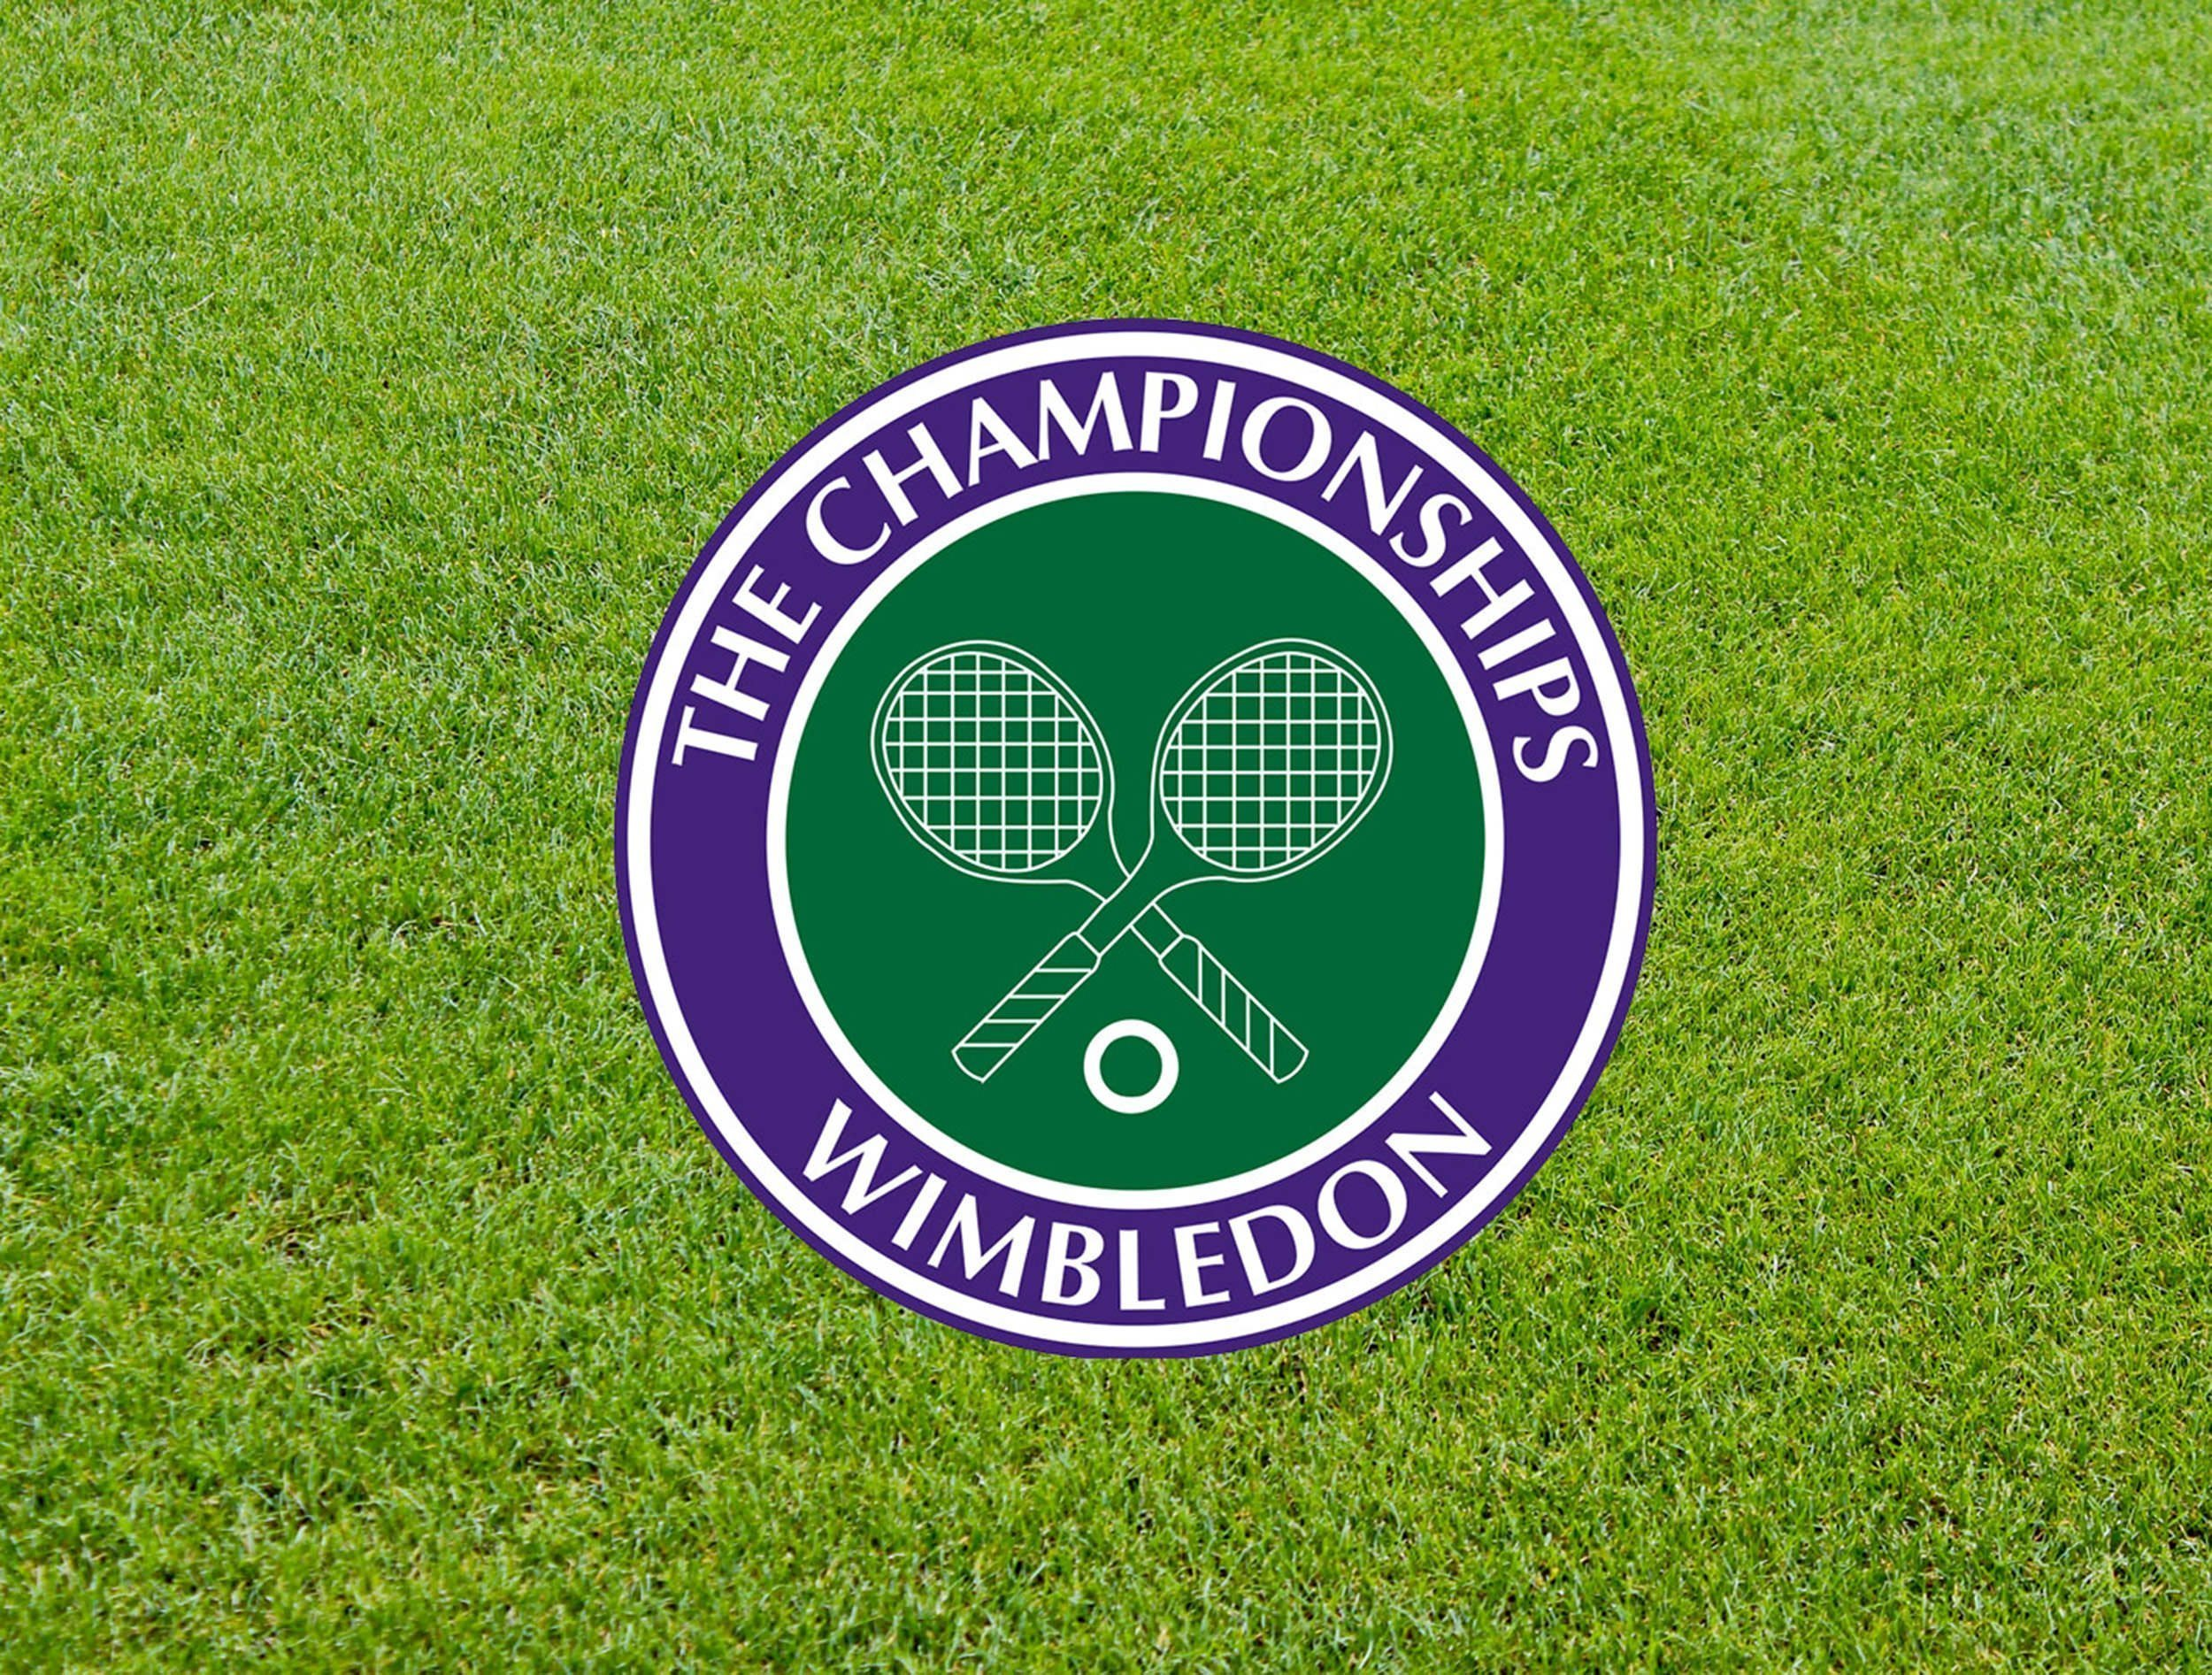 wimbledon-lawn-tennis-logo-with-a-grass-background